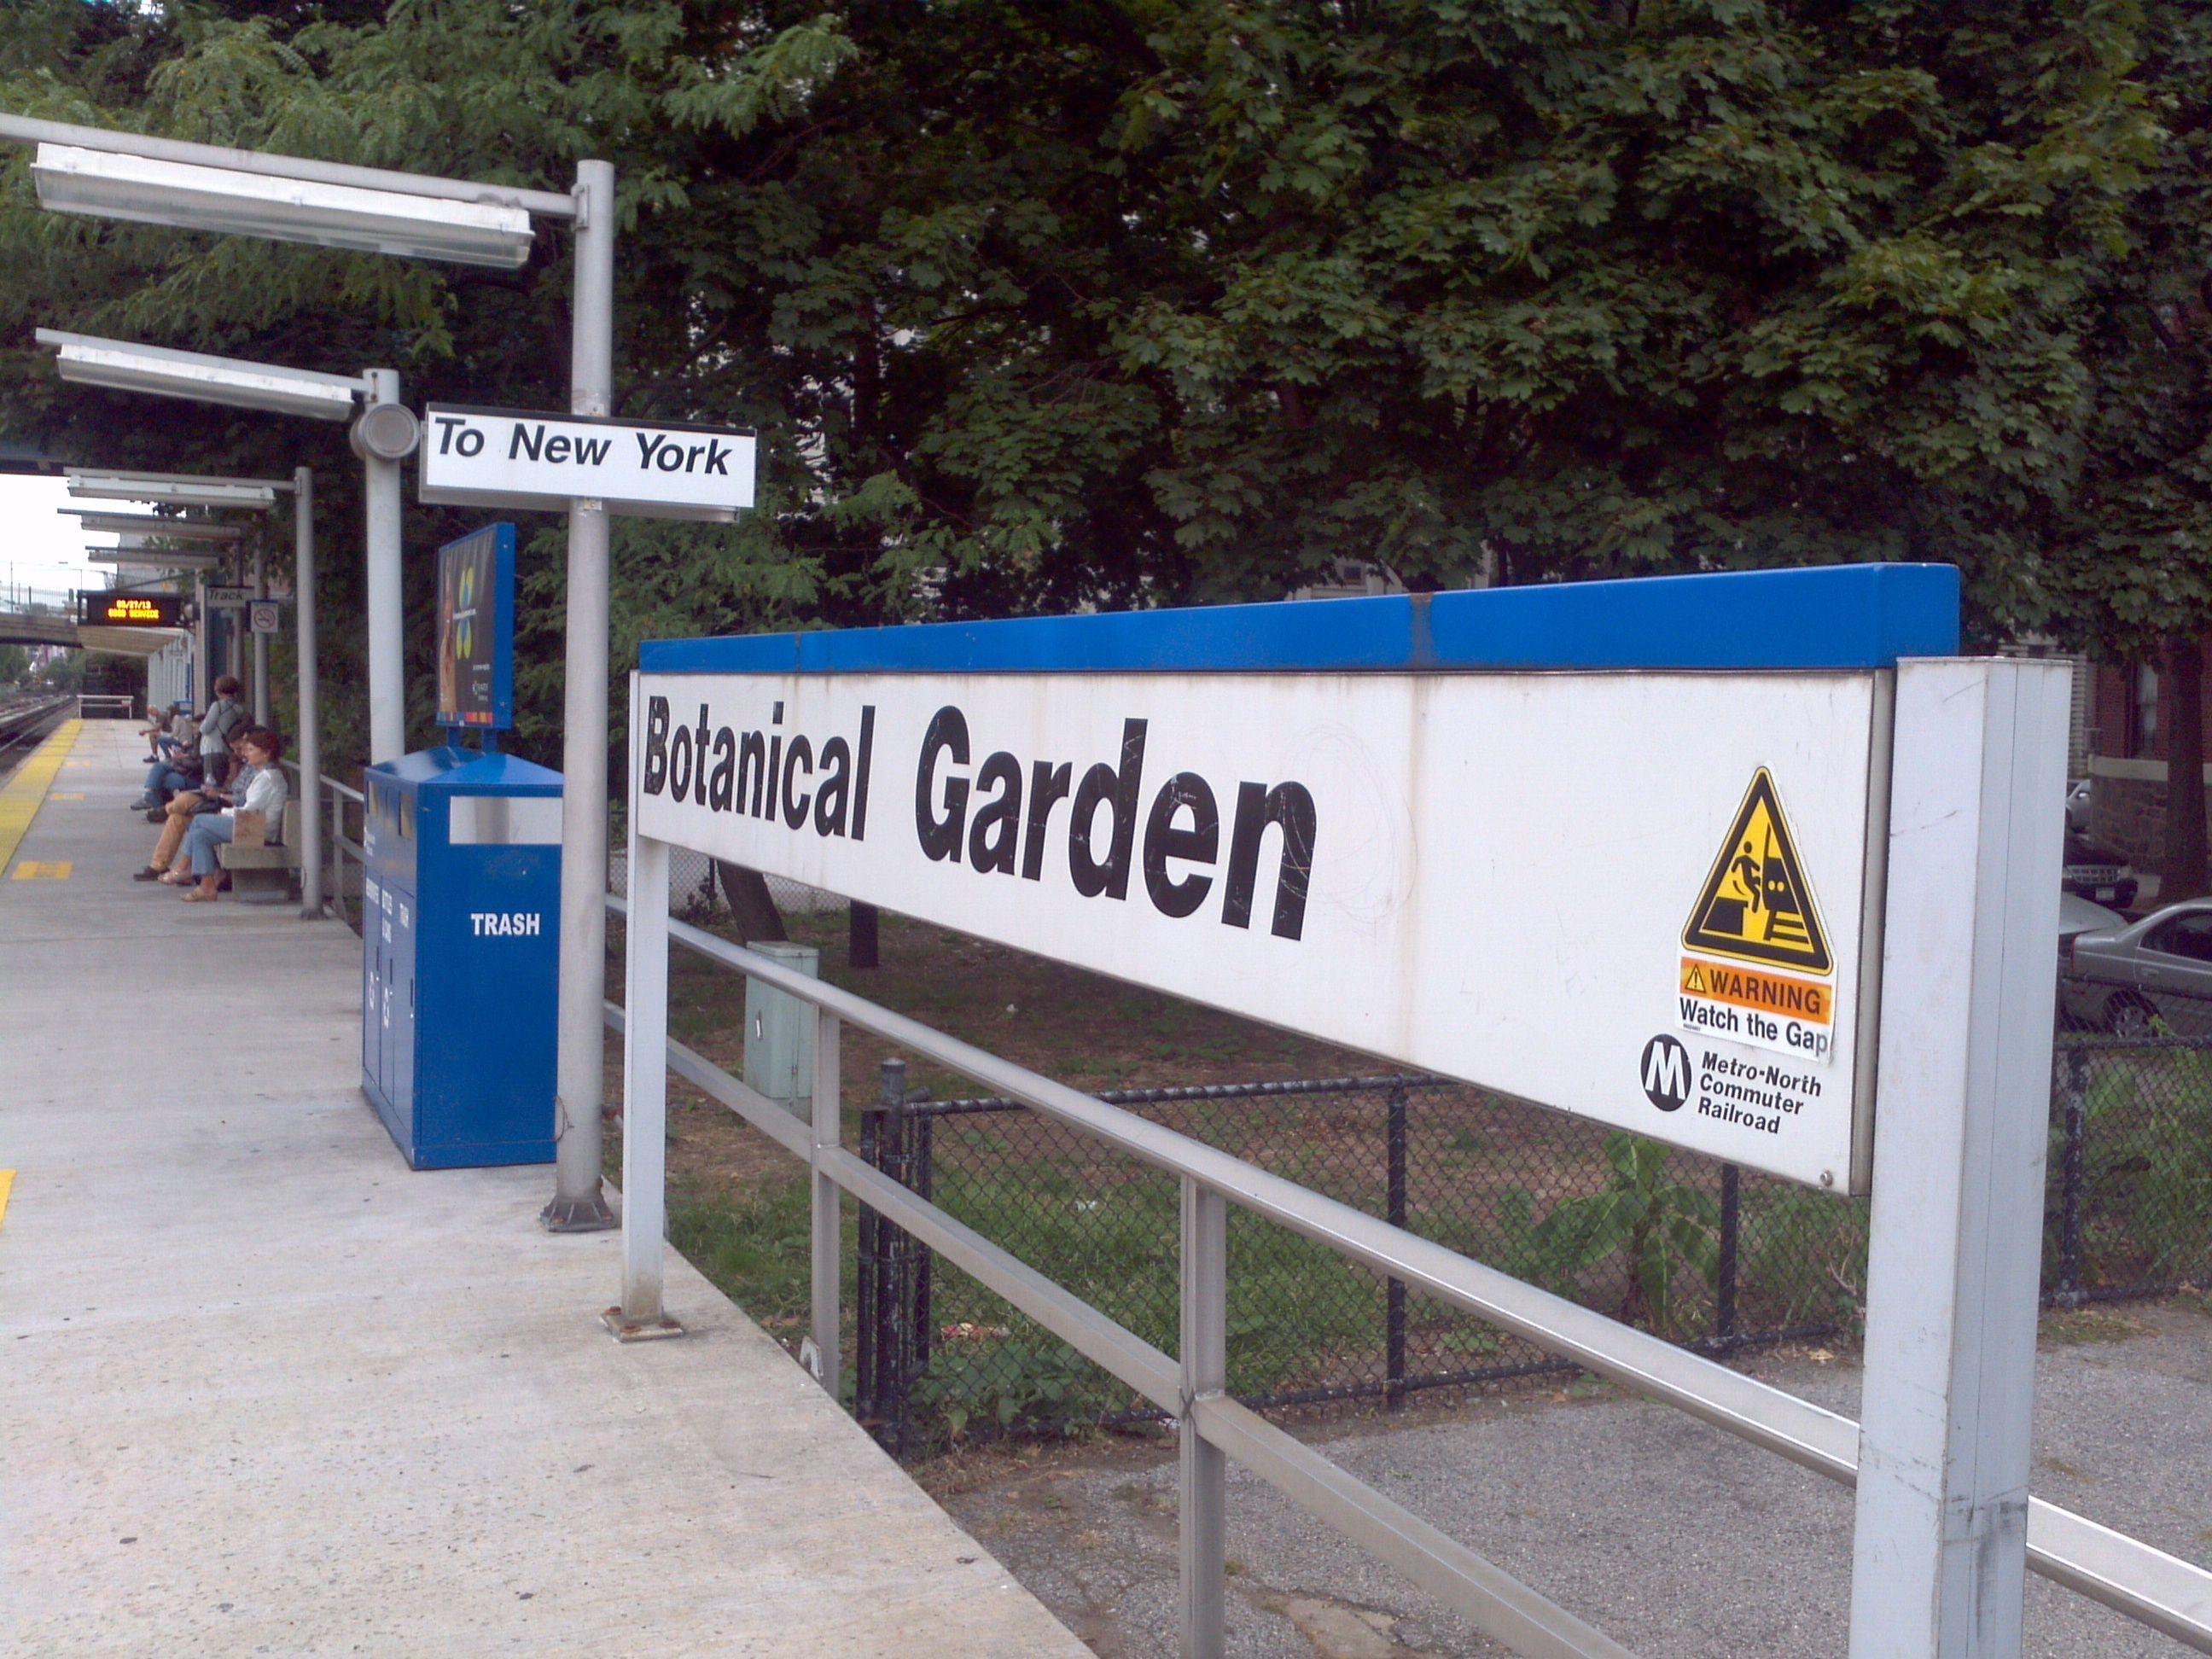 Botanical Garden Station... Estação do Metro-North, que uso todos os dias...